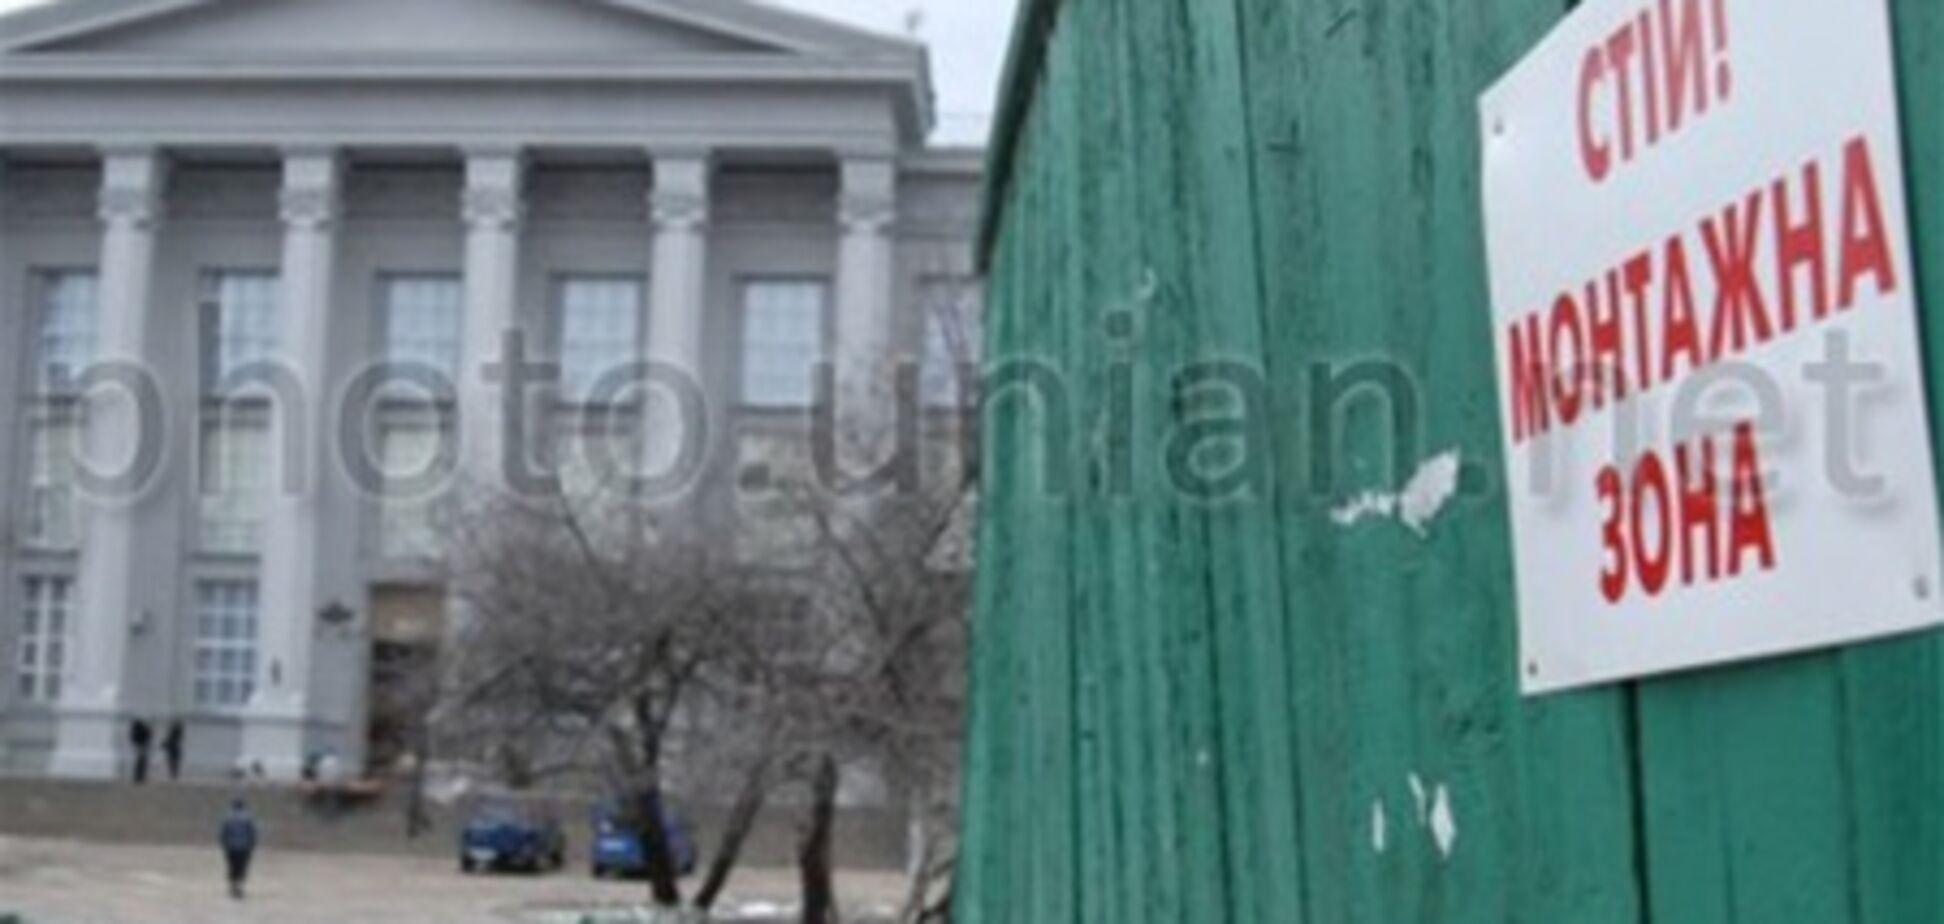 В Десятинном переулке возобновилось скандальное строительство